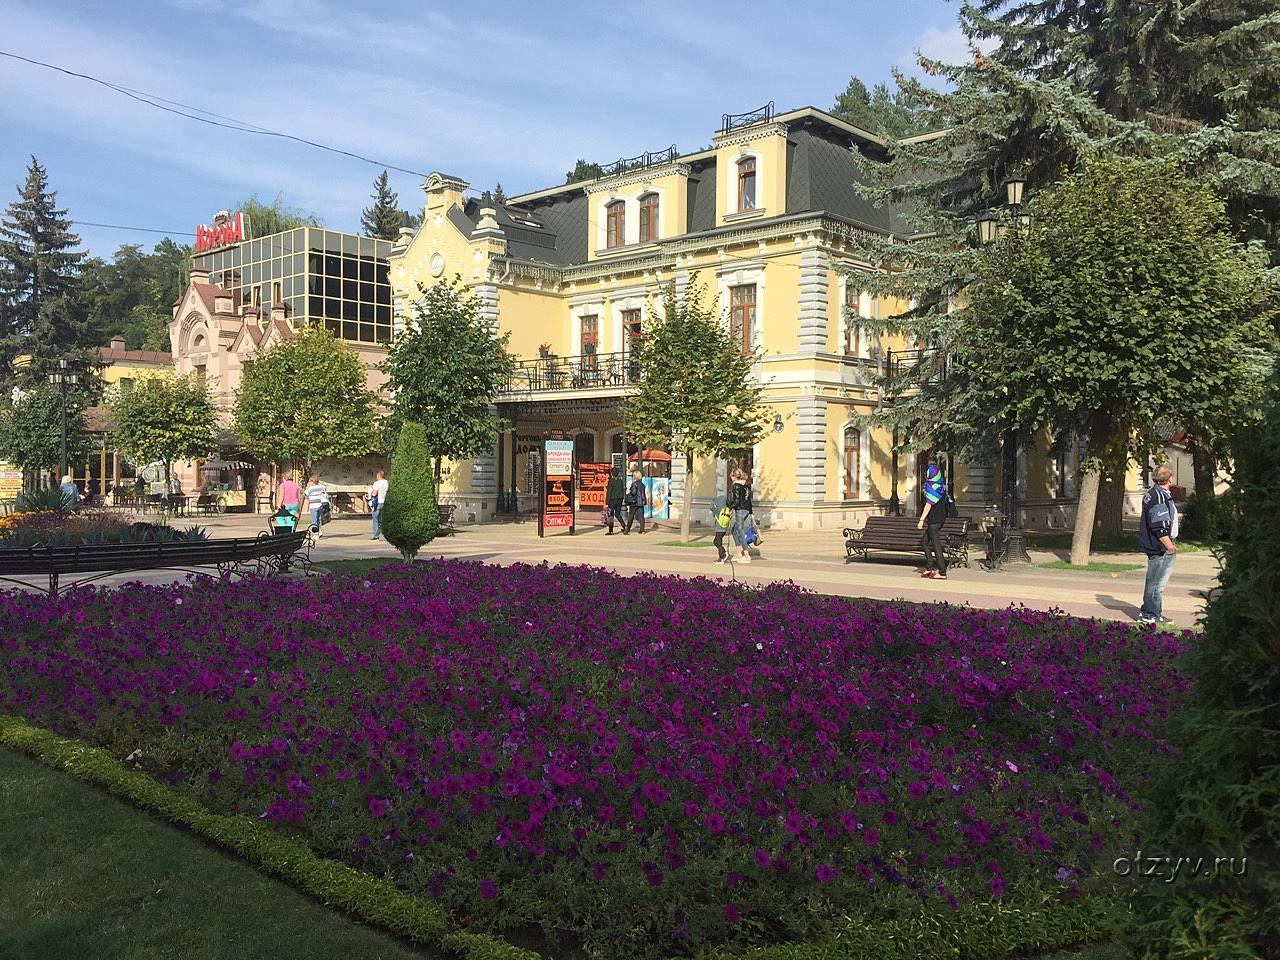 спиреи кисловодск в октябре фото греции впервые прошли